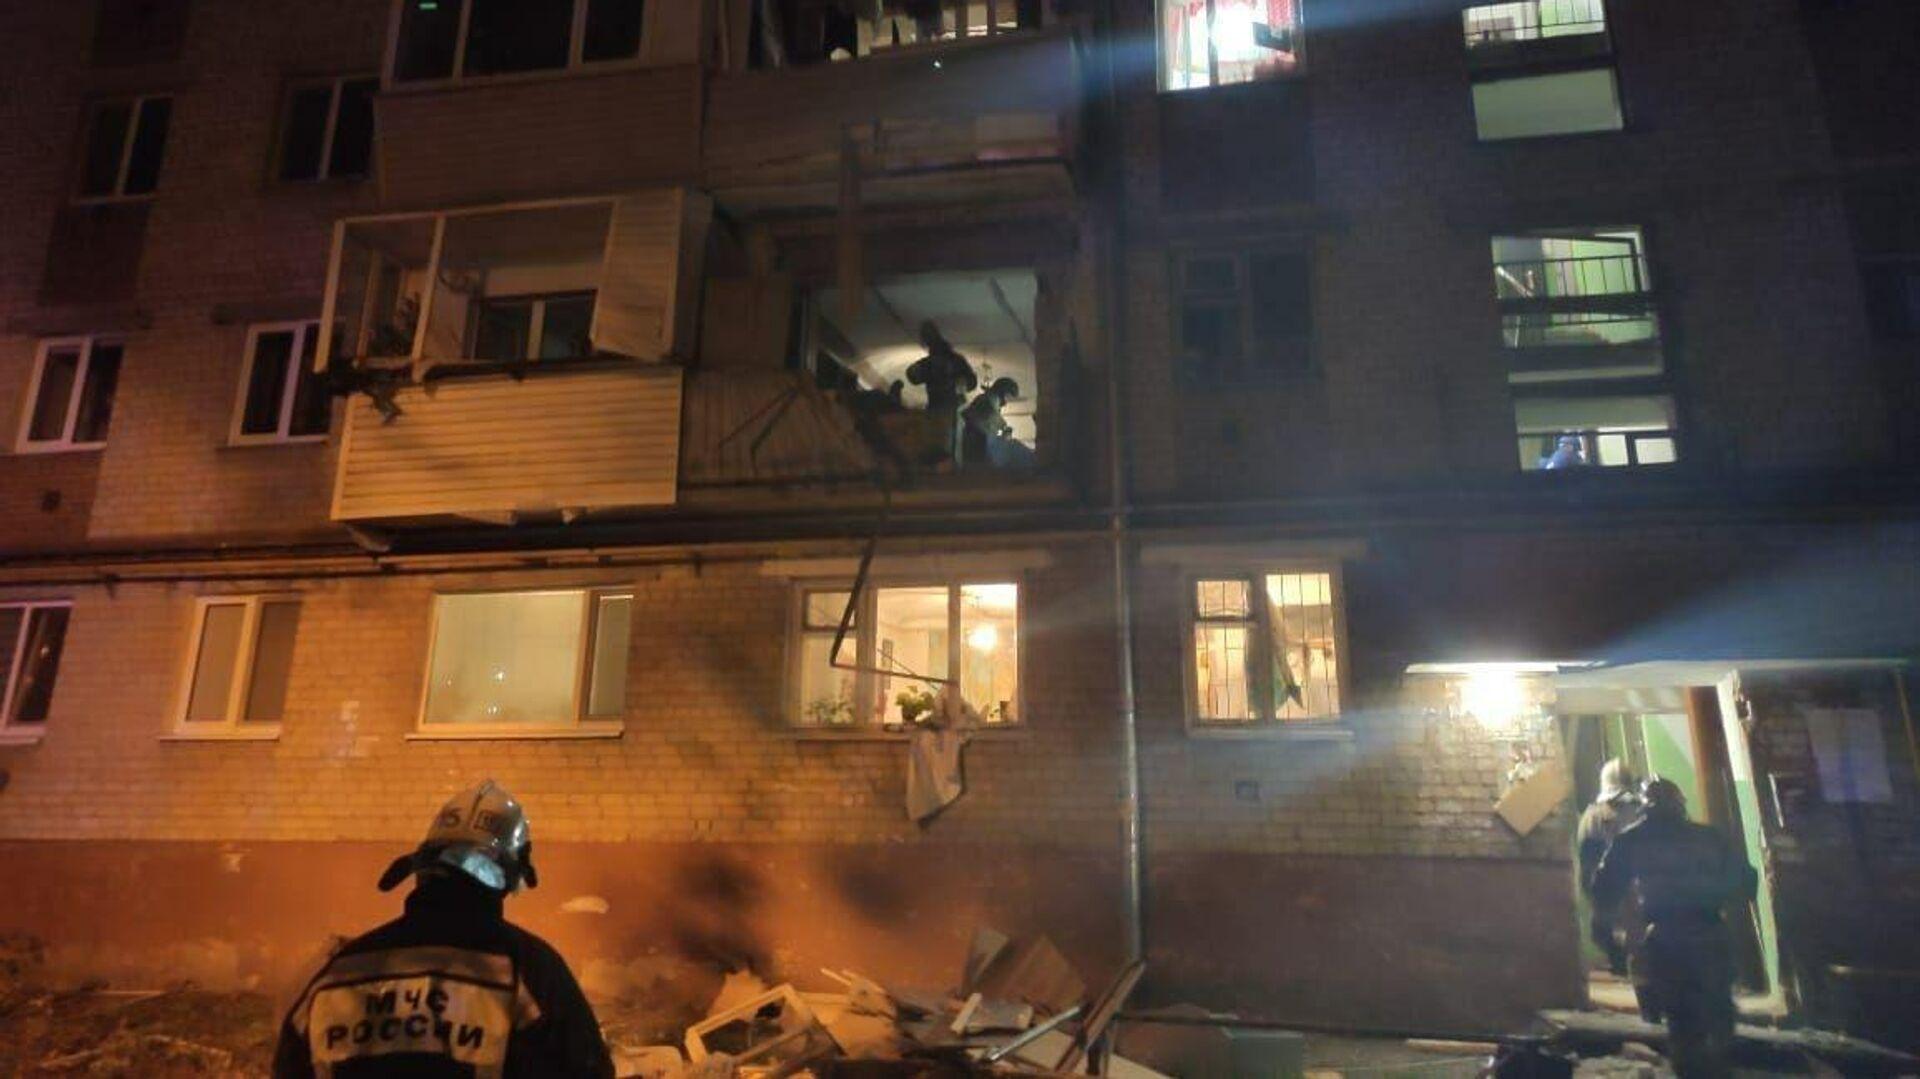 Взрыв газа в жилом пятиэтажном доме в Тюмени - РИА Новости, 1920, 20.09.2020